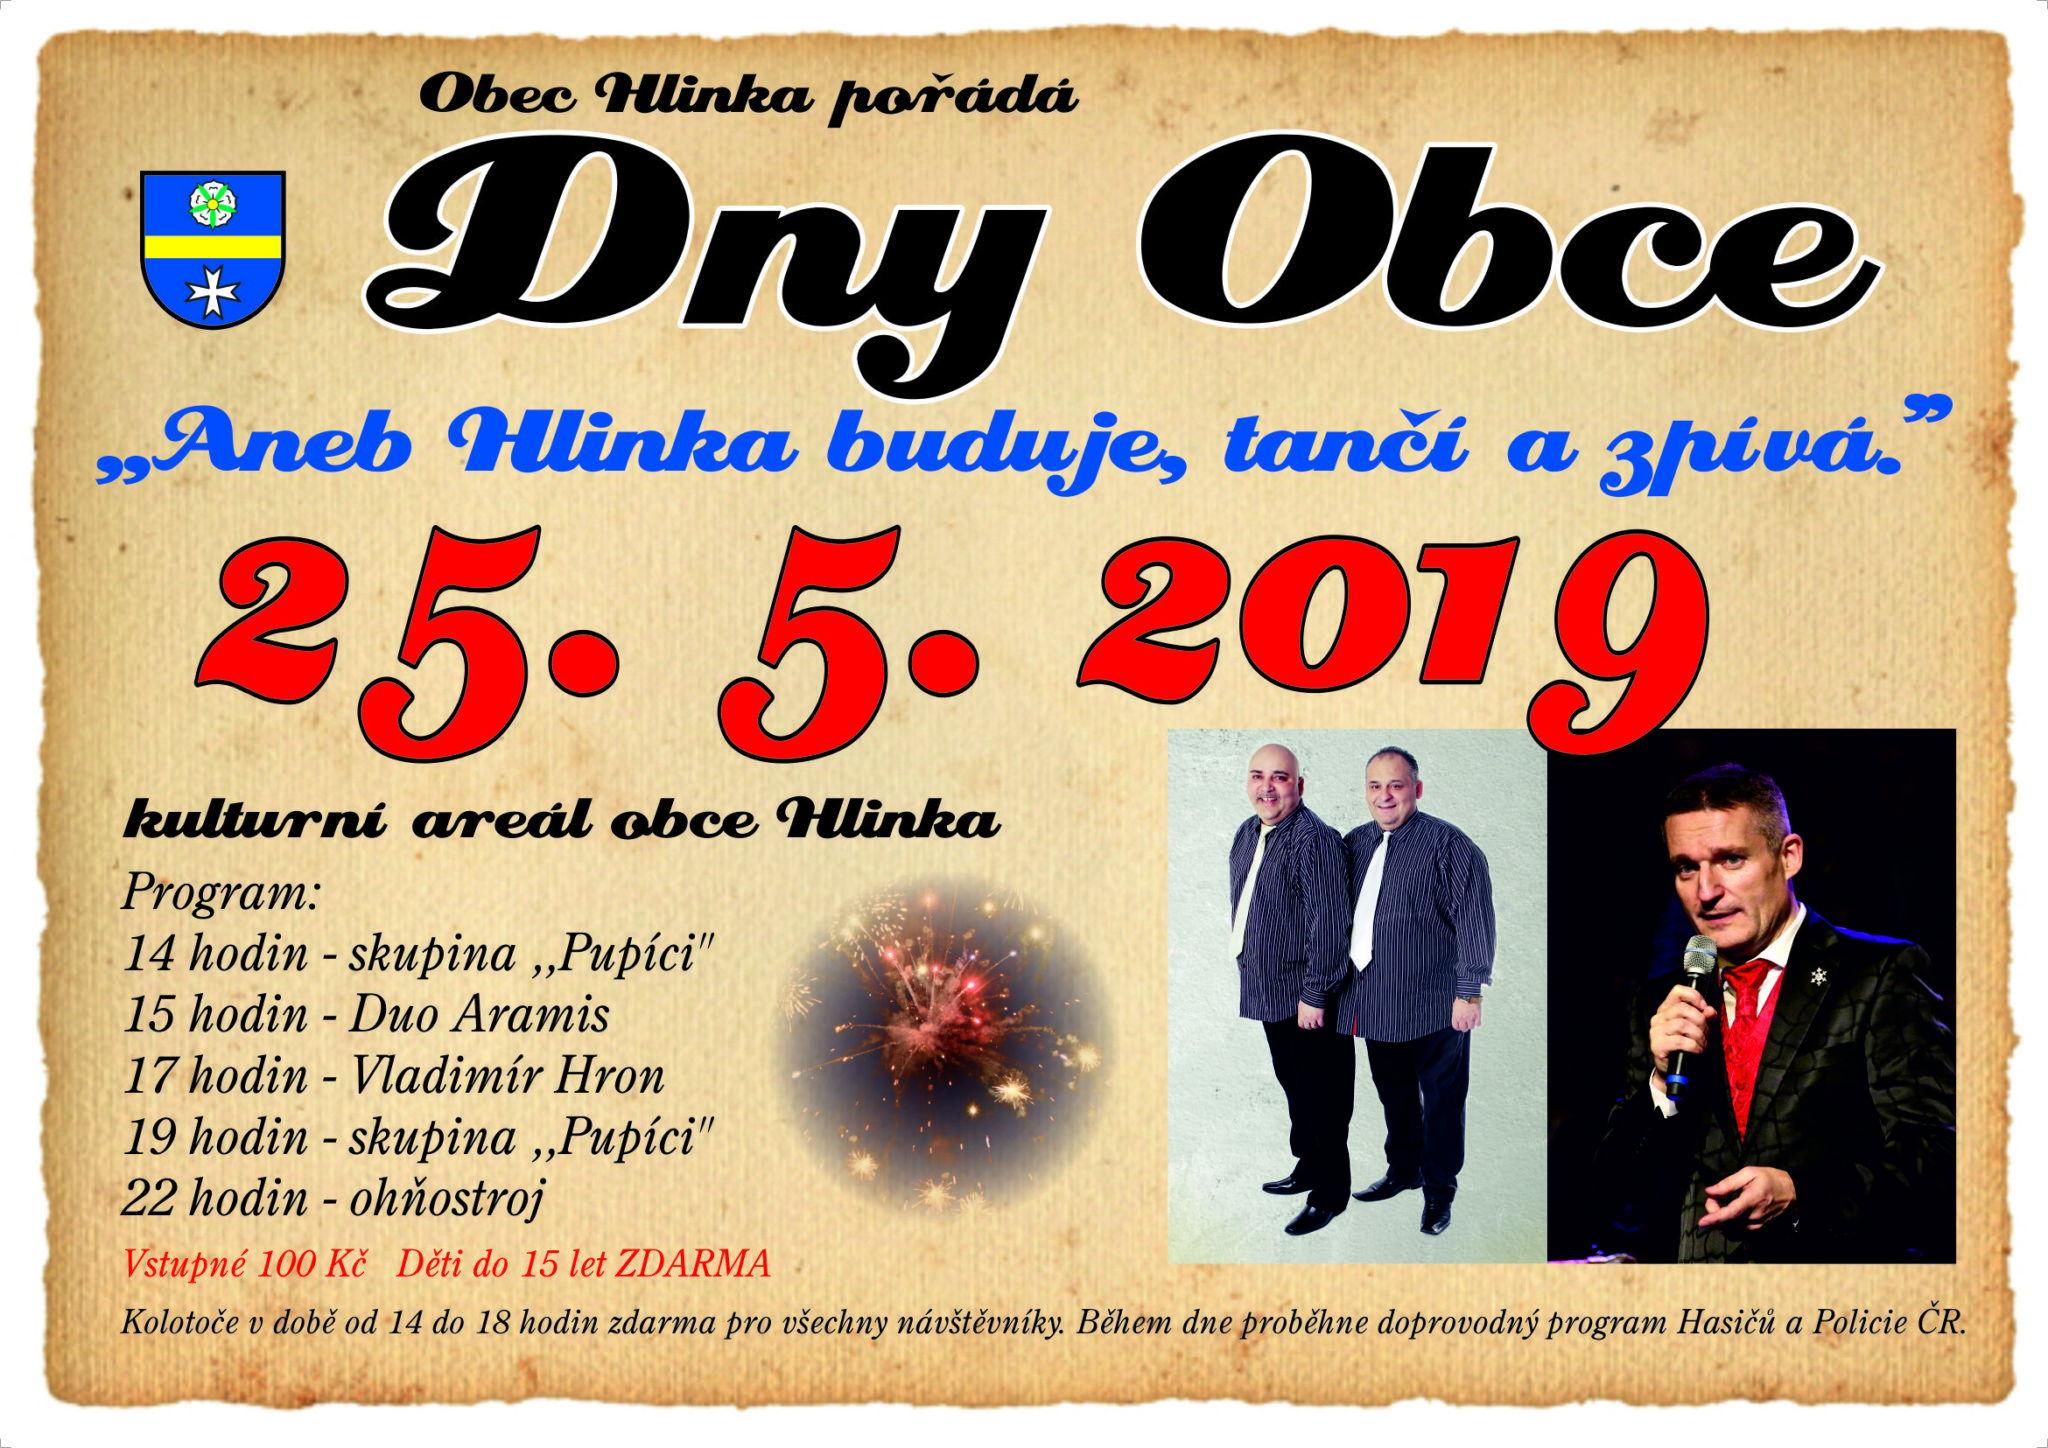 Slider image of Obec Hlinka website homepage